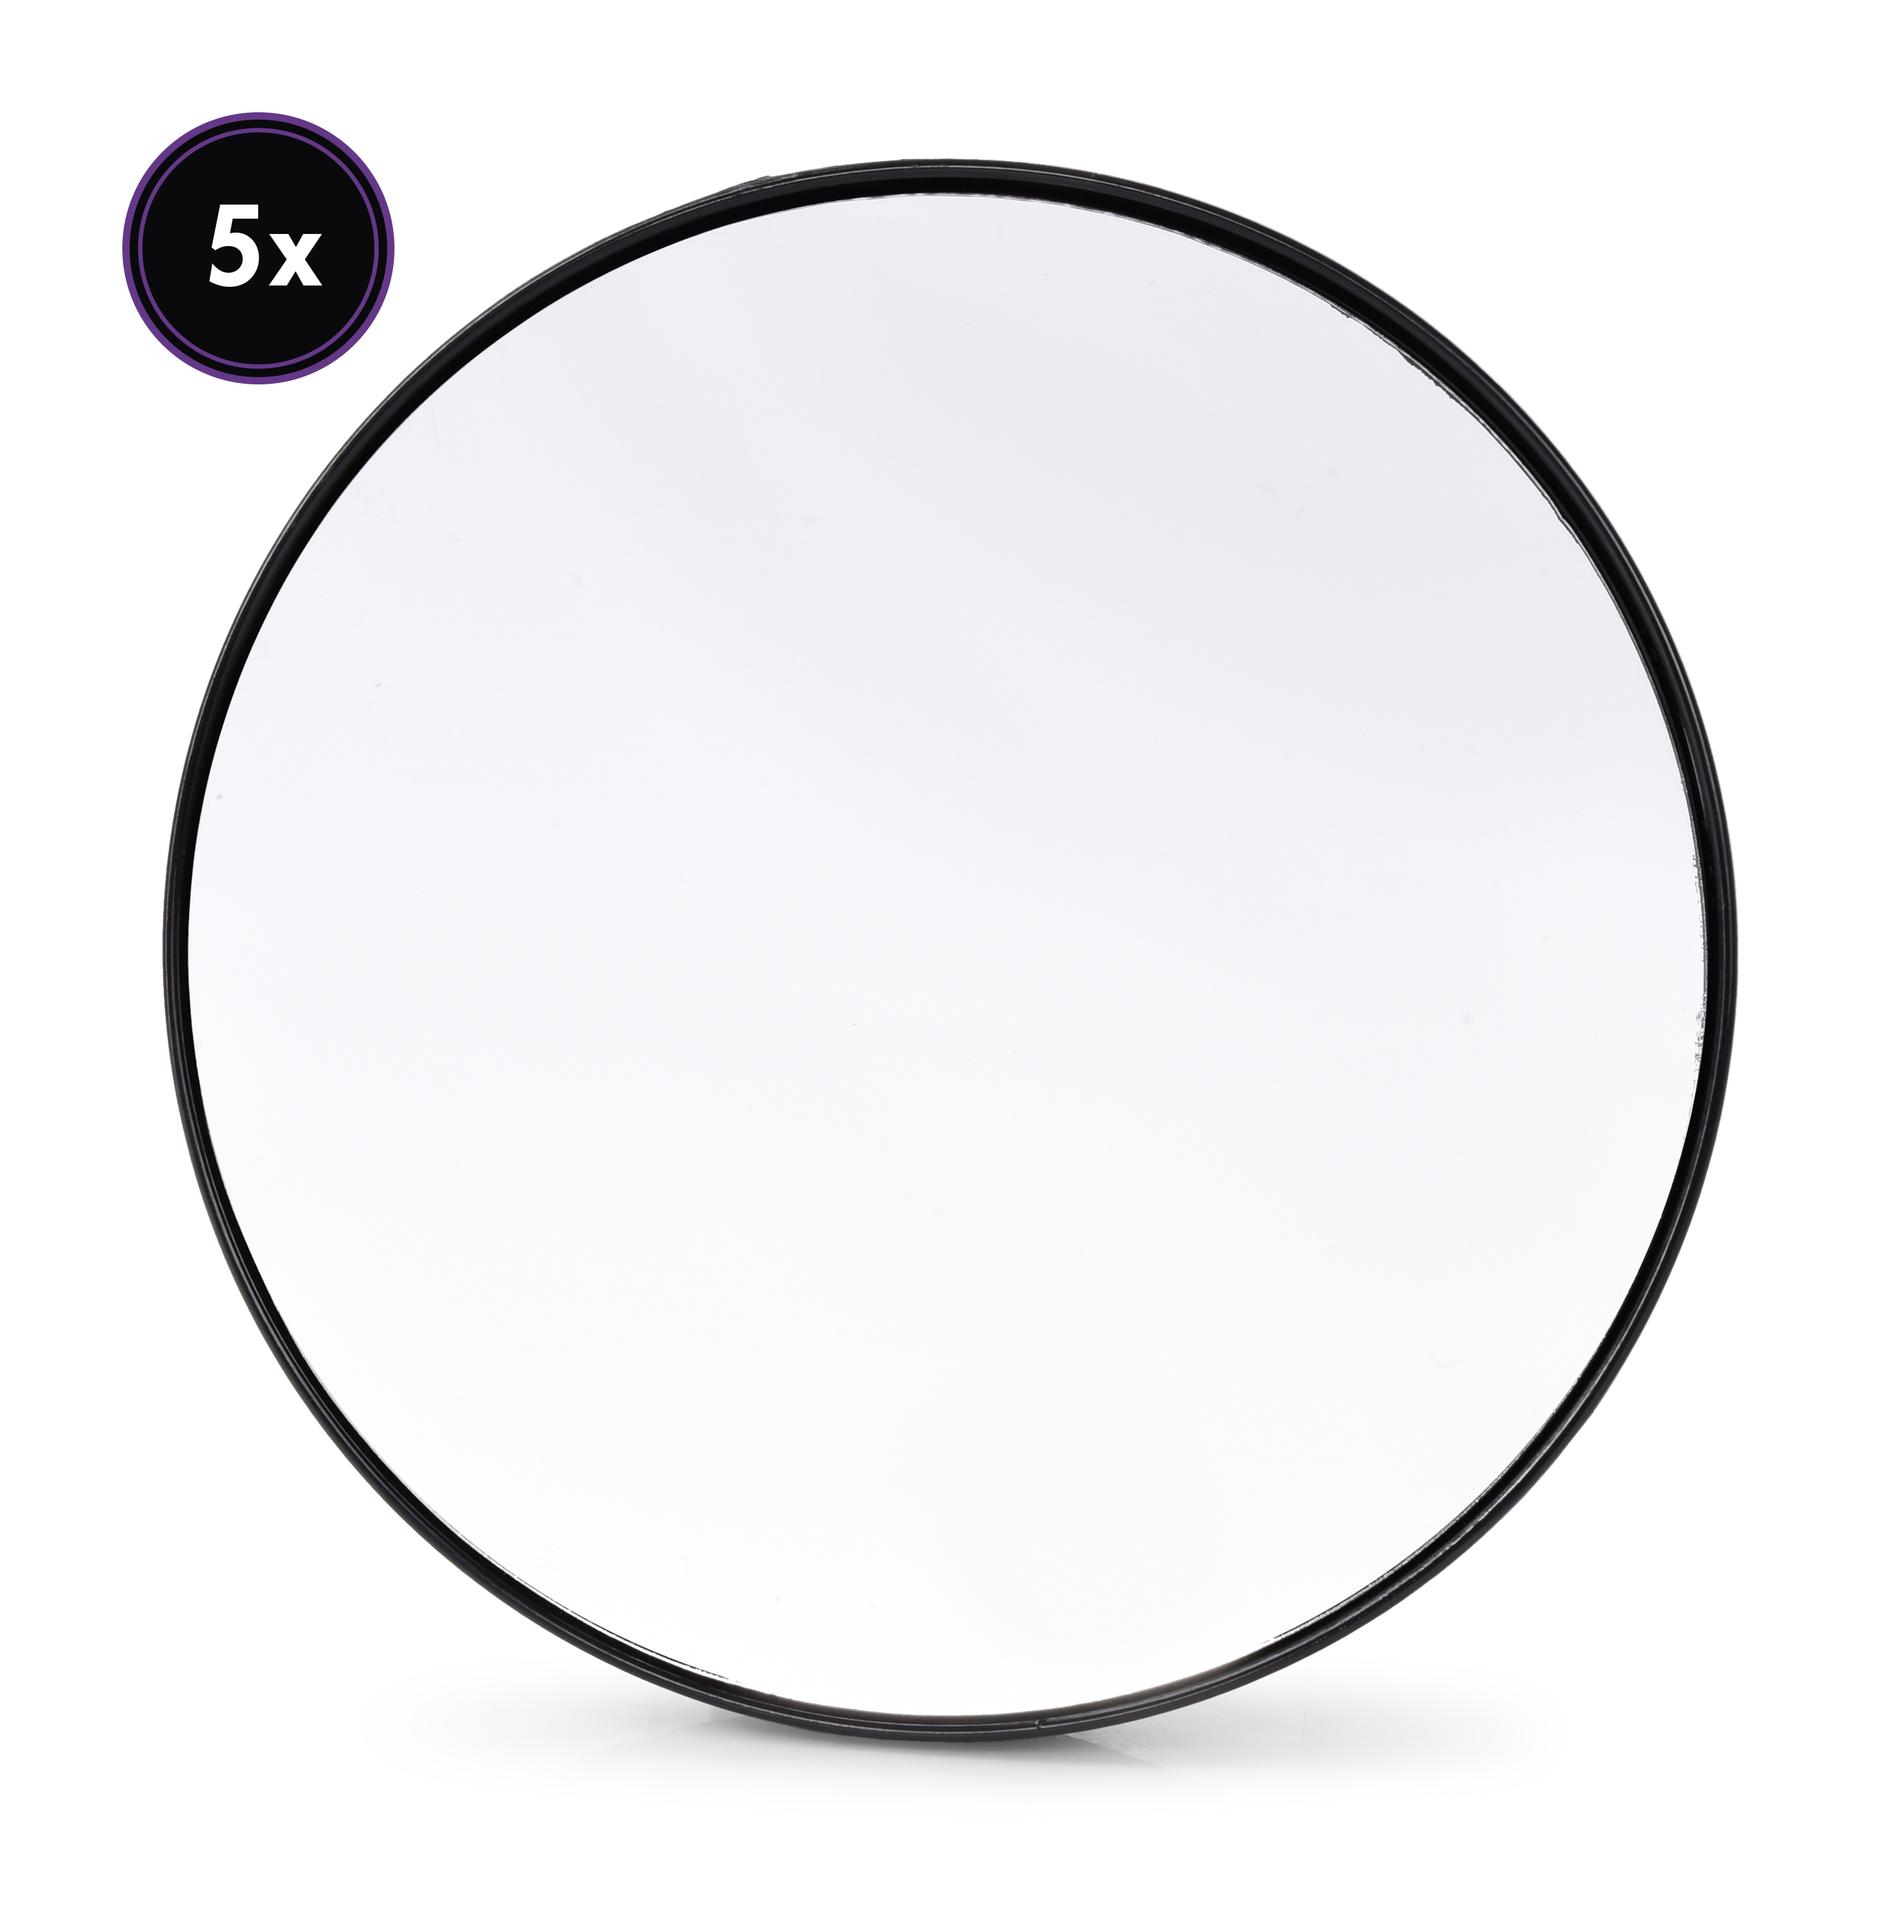 5 krát zvětšovací kosmetické zrcátko s přísavkami, 5x zvětšuje